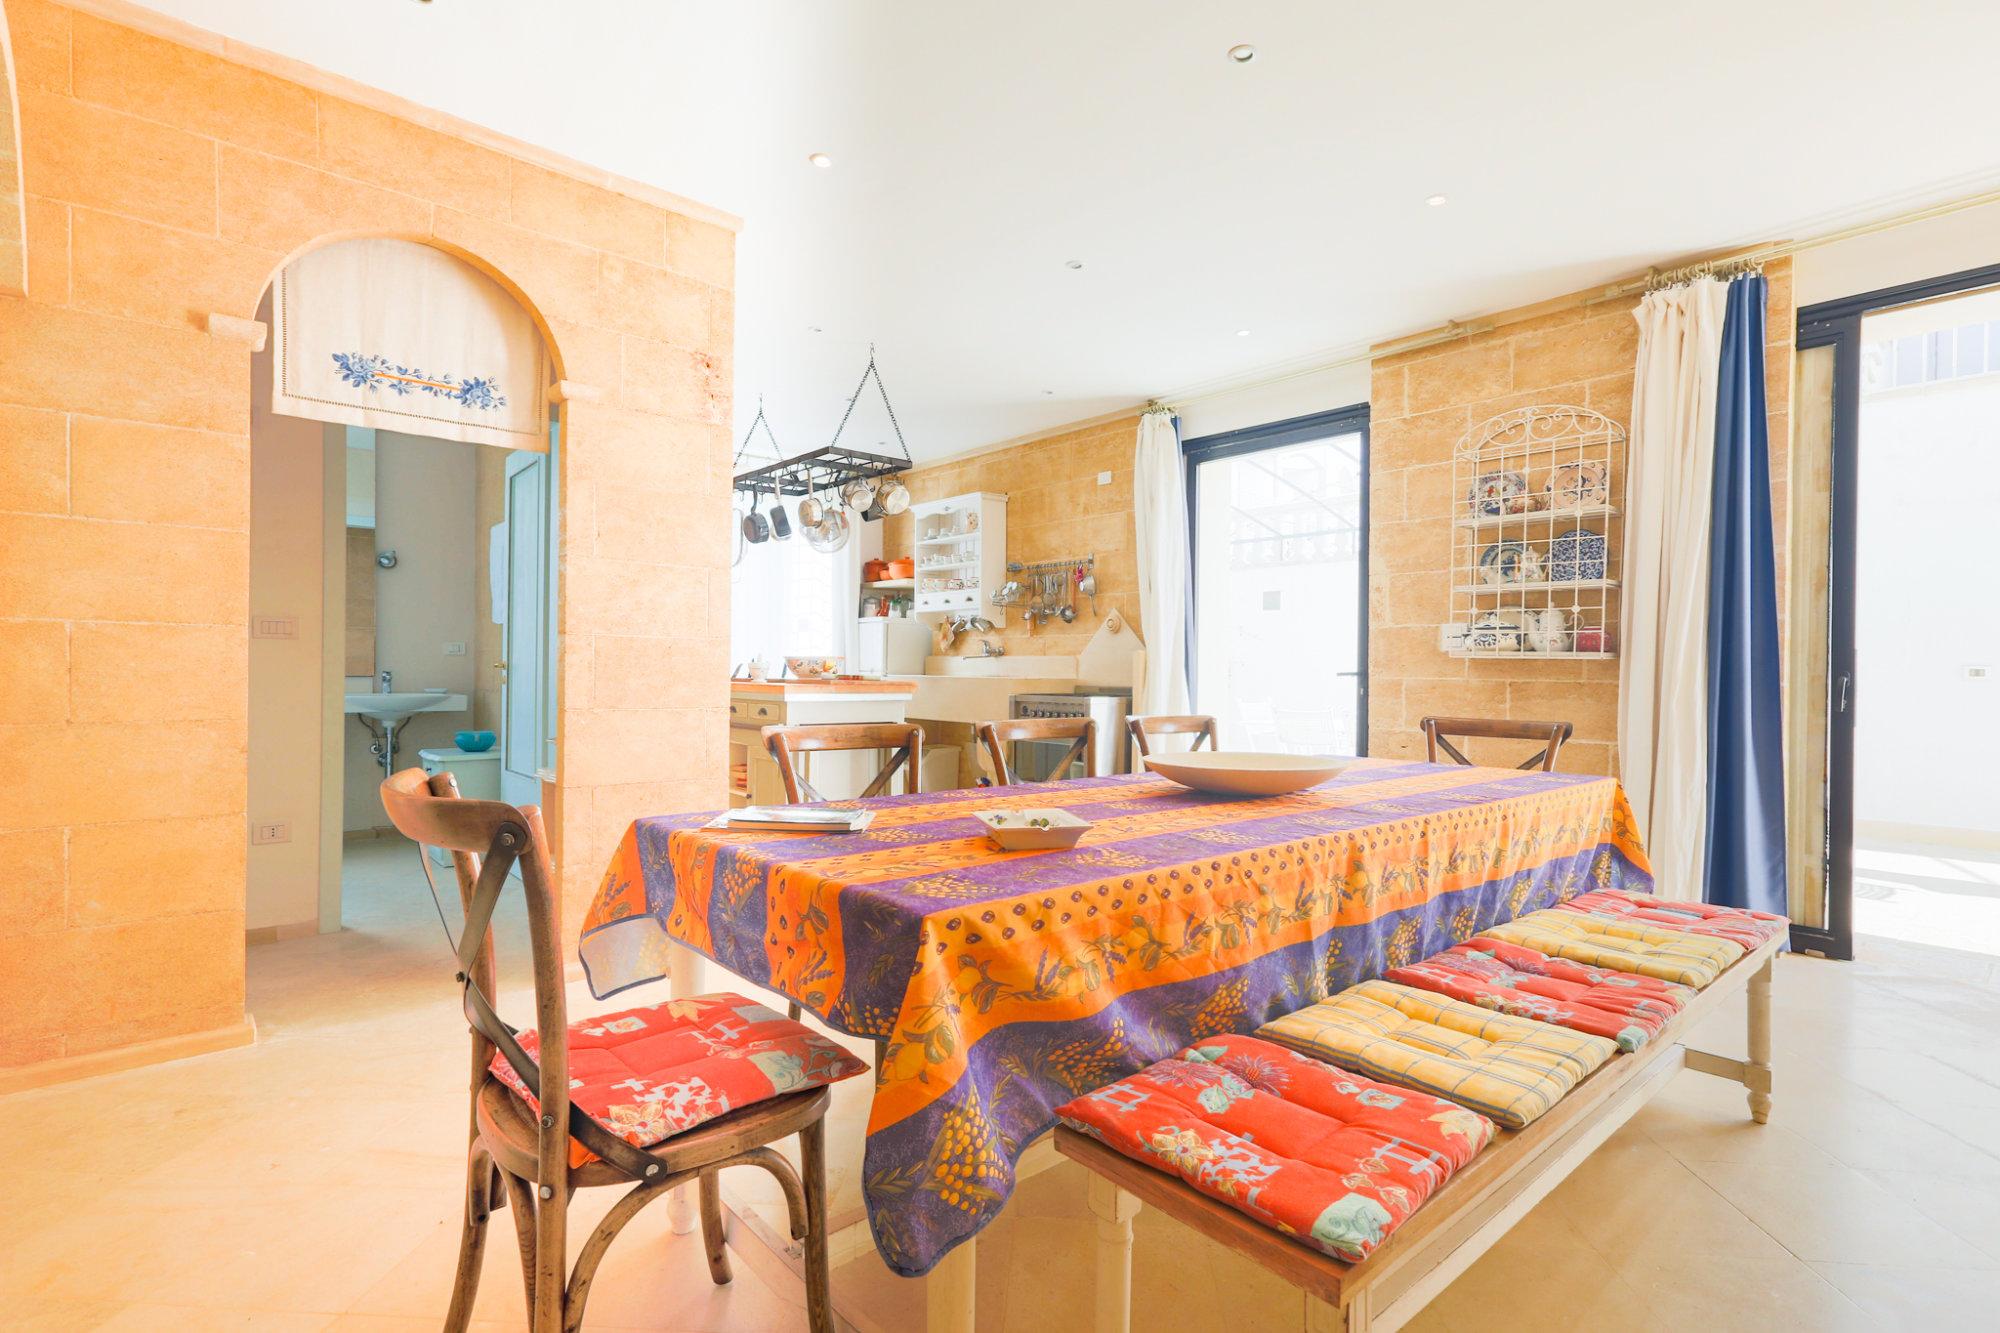 Appartamento di pregio, con giardino, a 350 metri dalla spiaggia - Salve